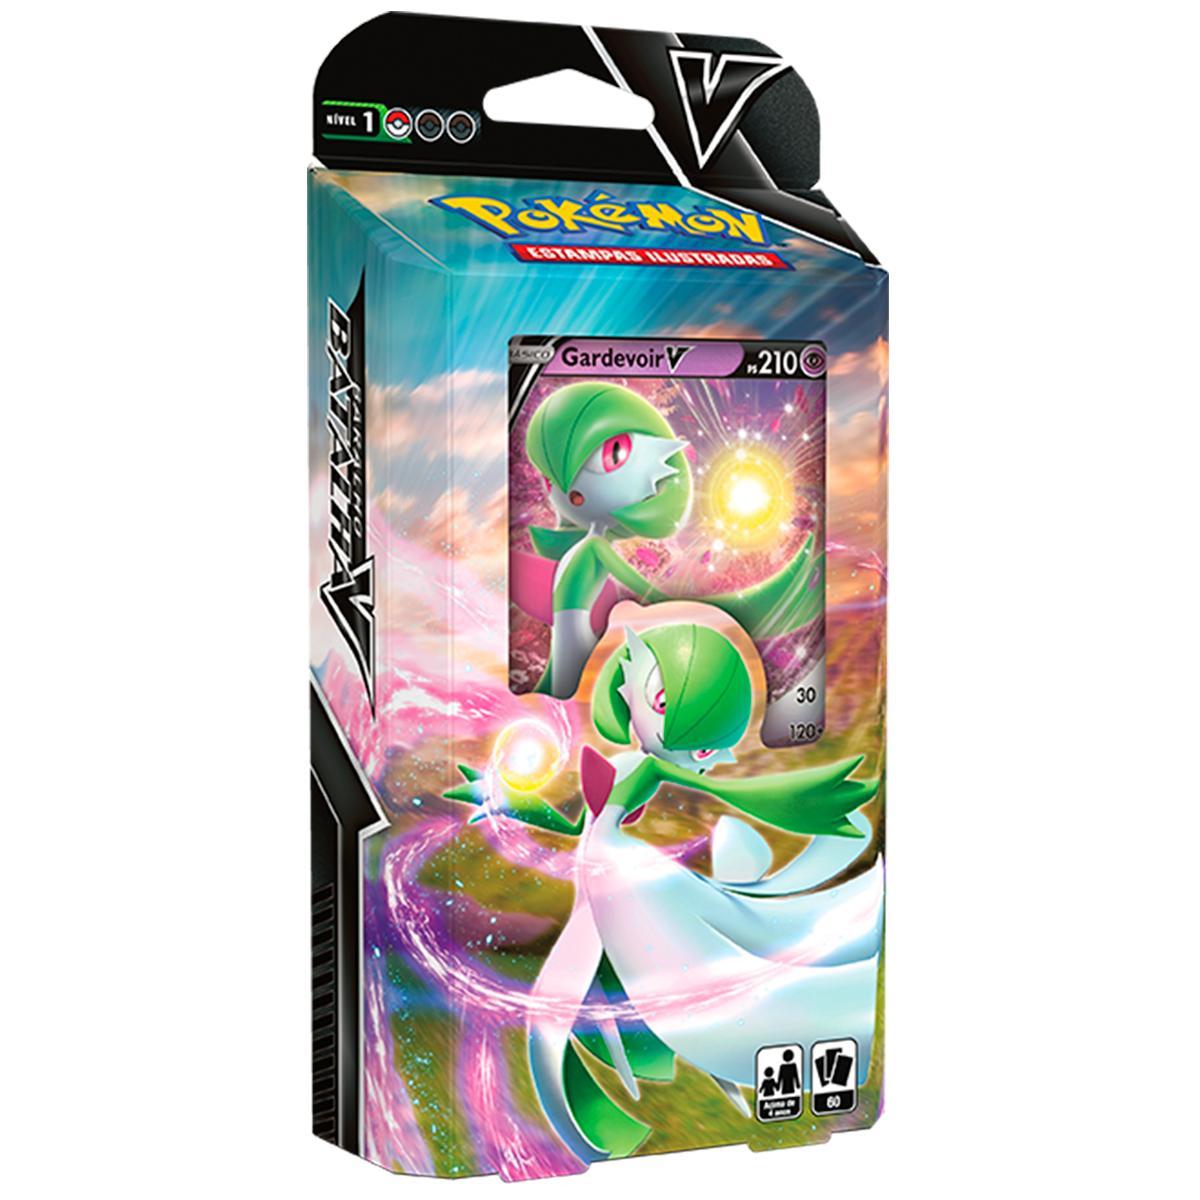 Baralho de Batalha V Deck Pokémon Gardevoir V